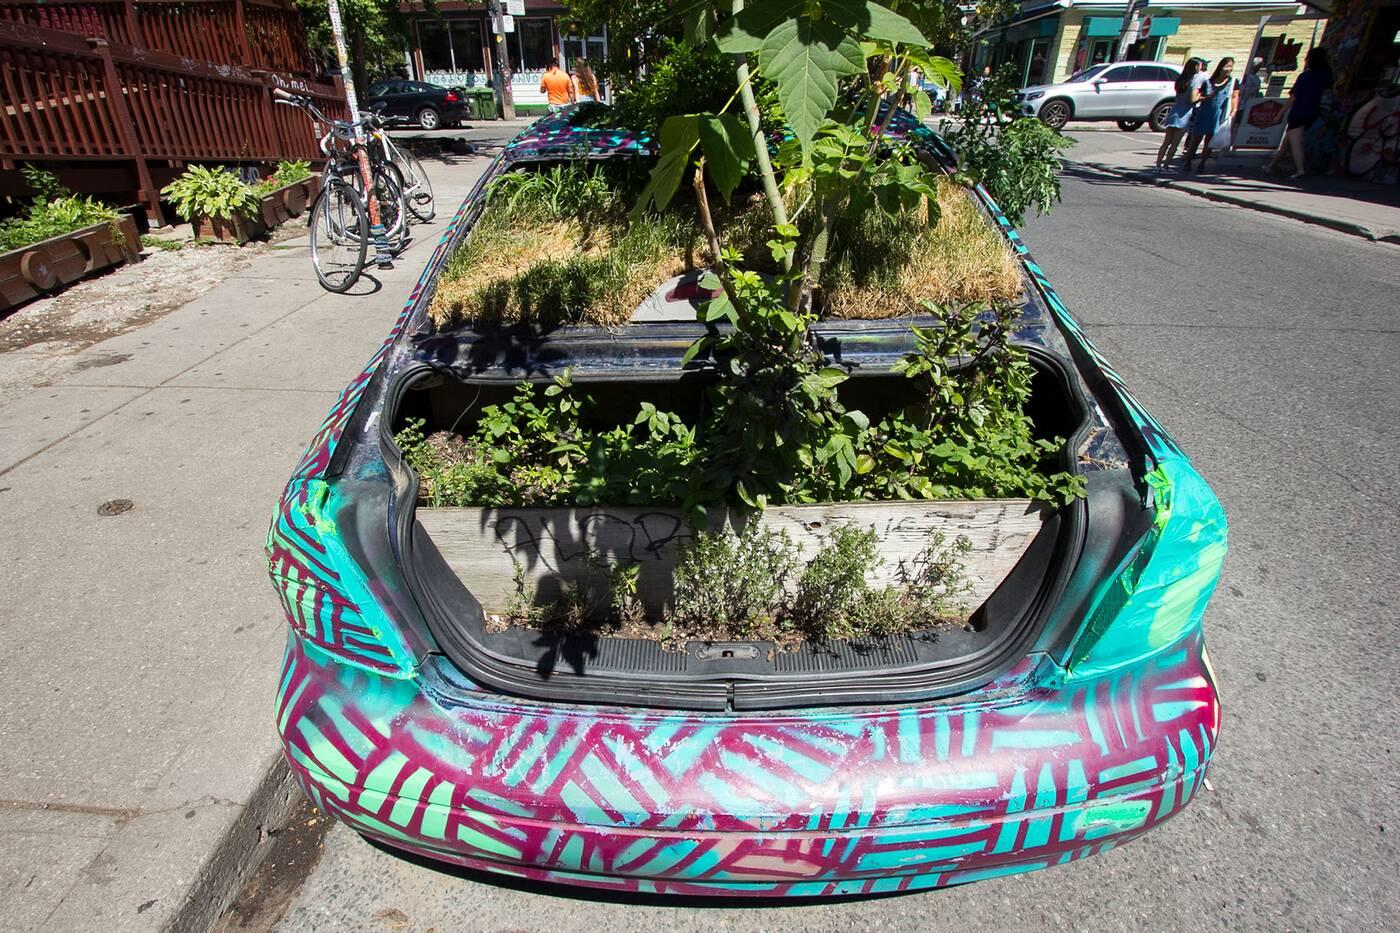 kensington garden car toronto